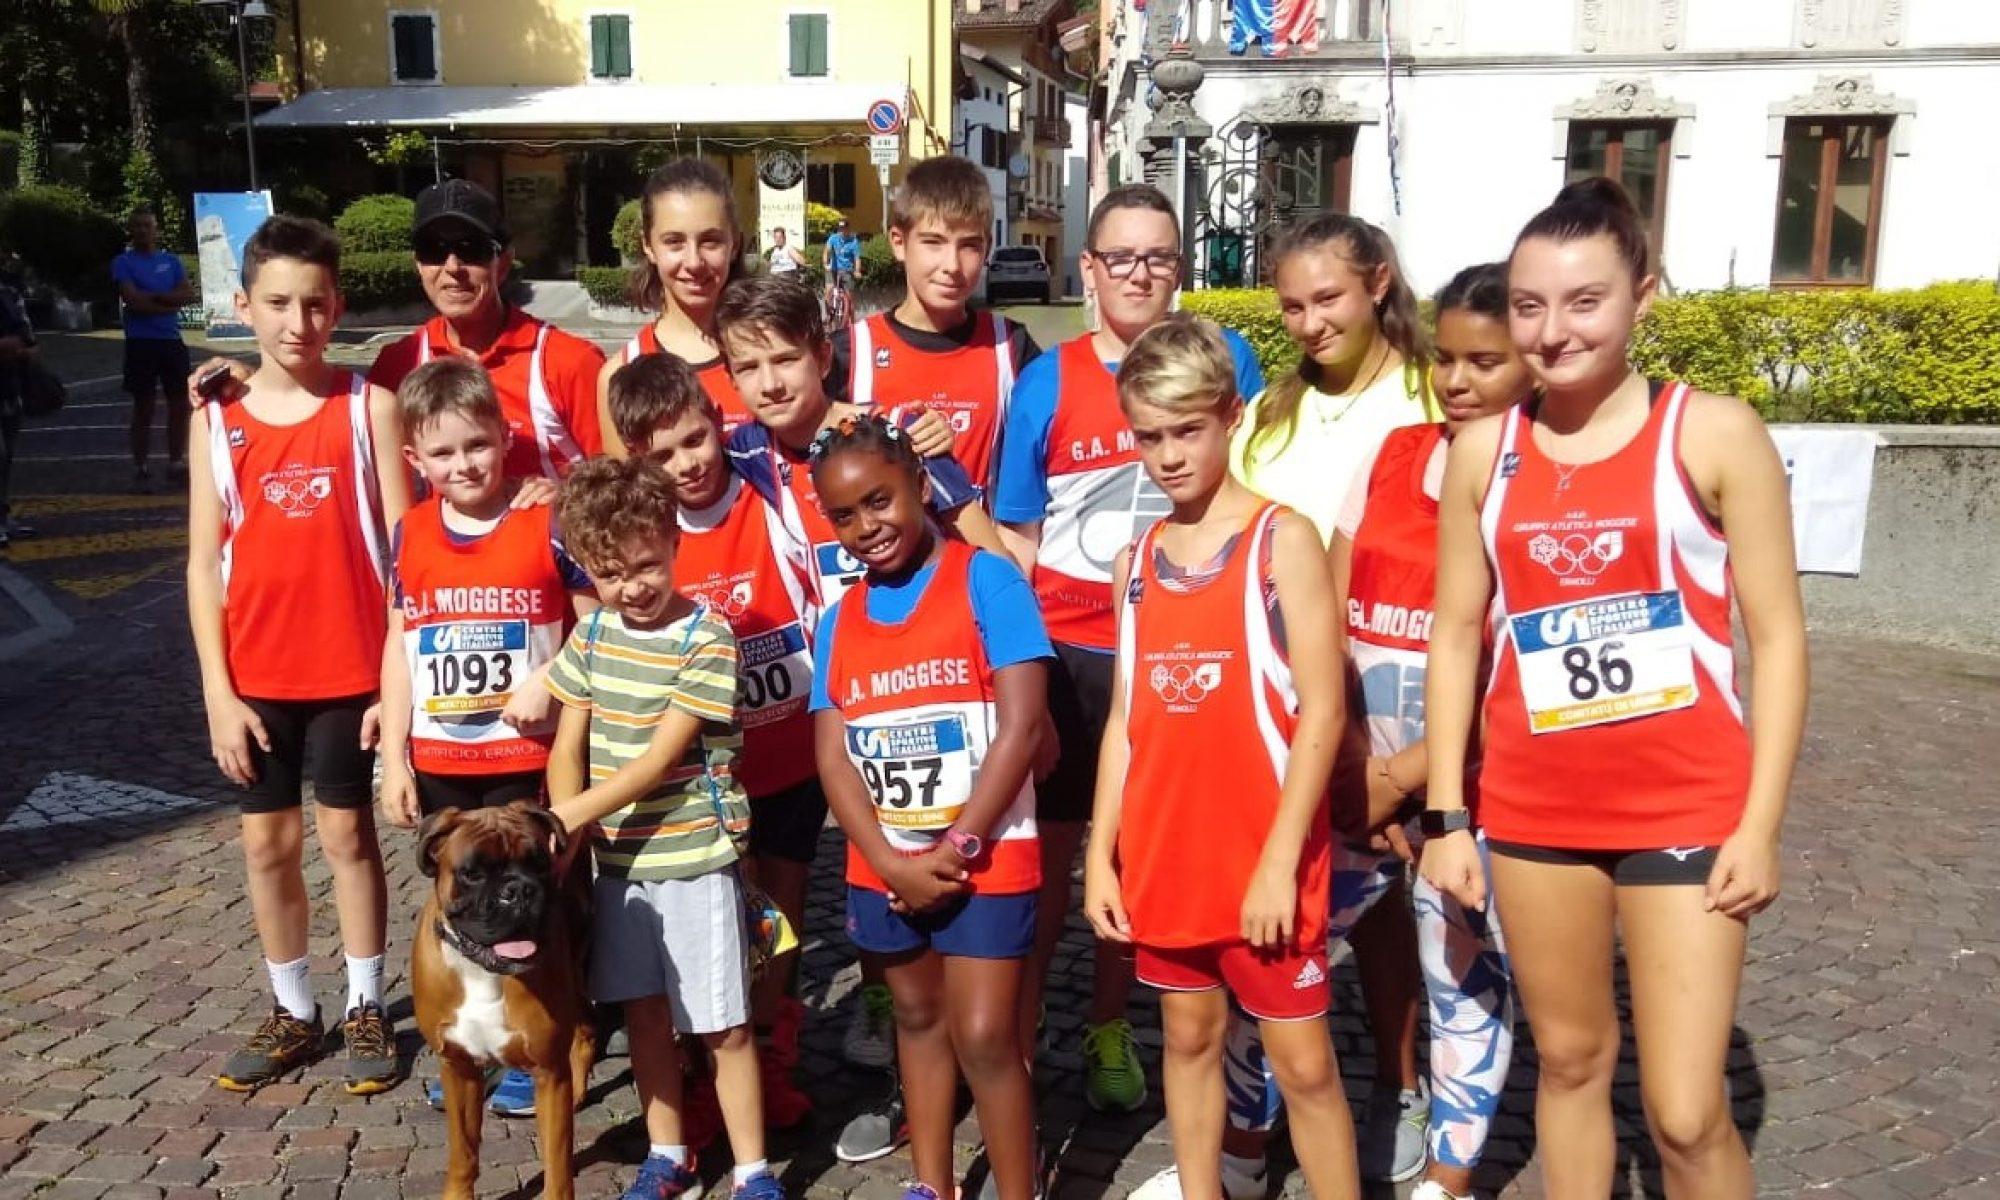 Gruppo Atletica Moggese